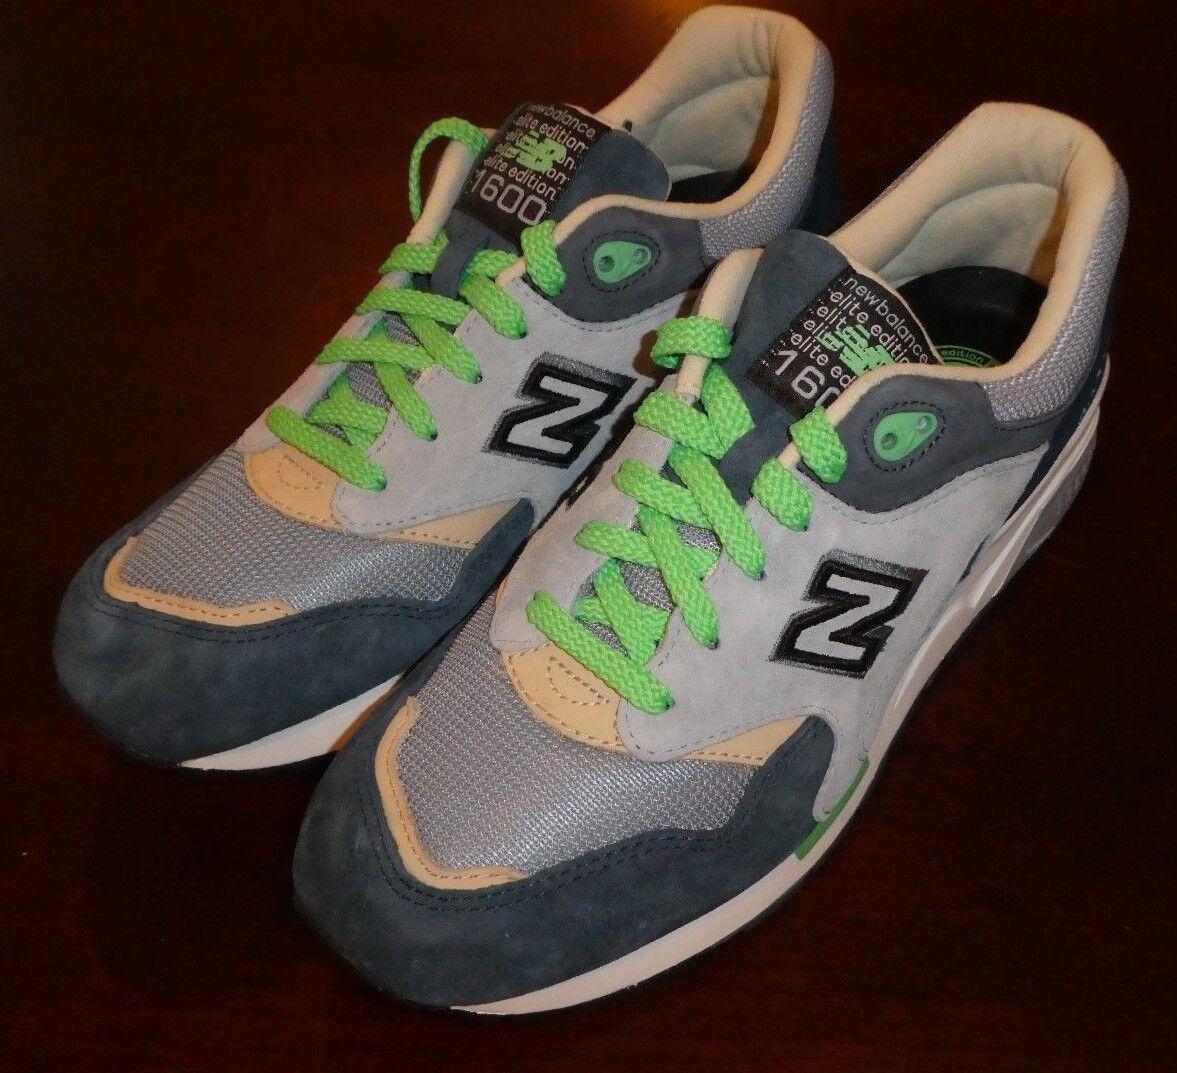 Nuovo equilibrio degli uomini cm1600bv 9.5 scarpe blu 1600 dimensioni 9.5 cm1600bv 1ce3fd